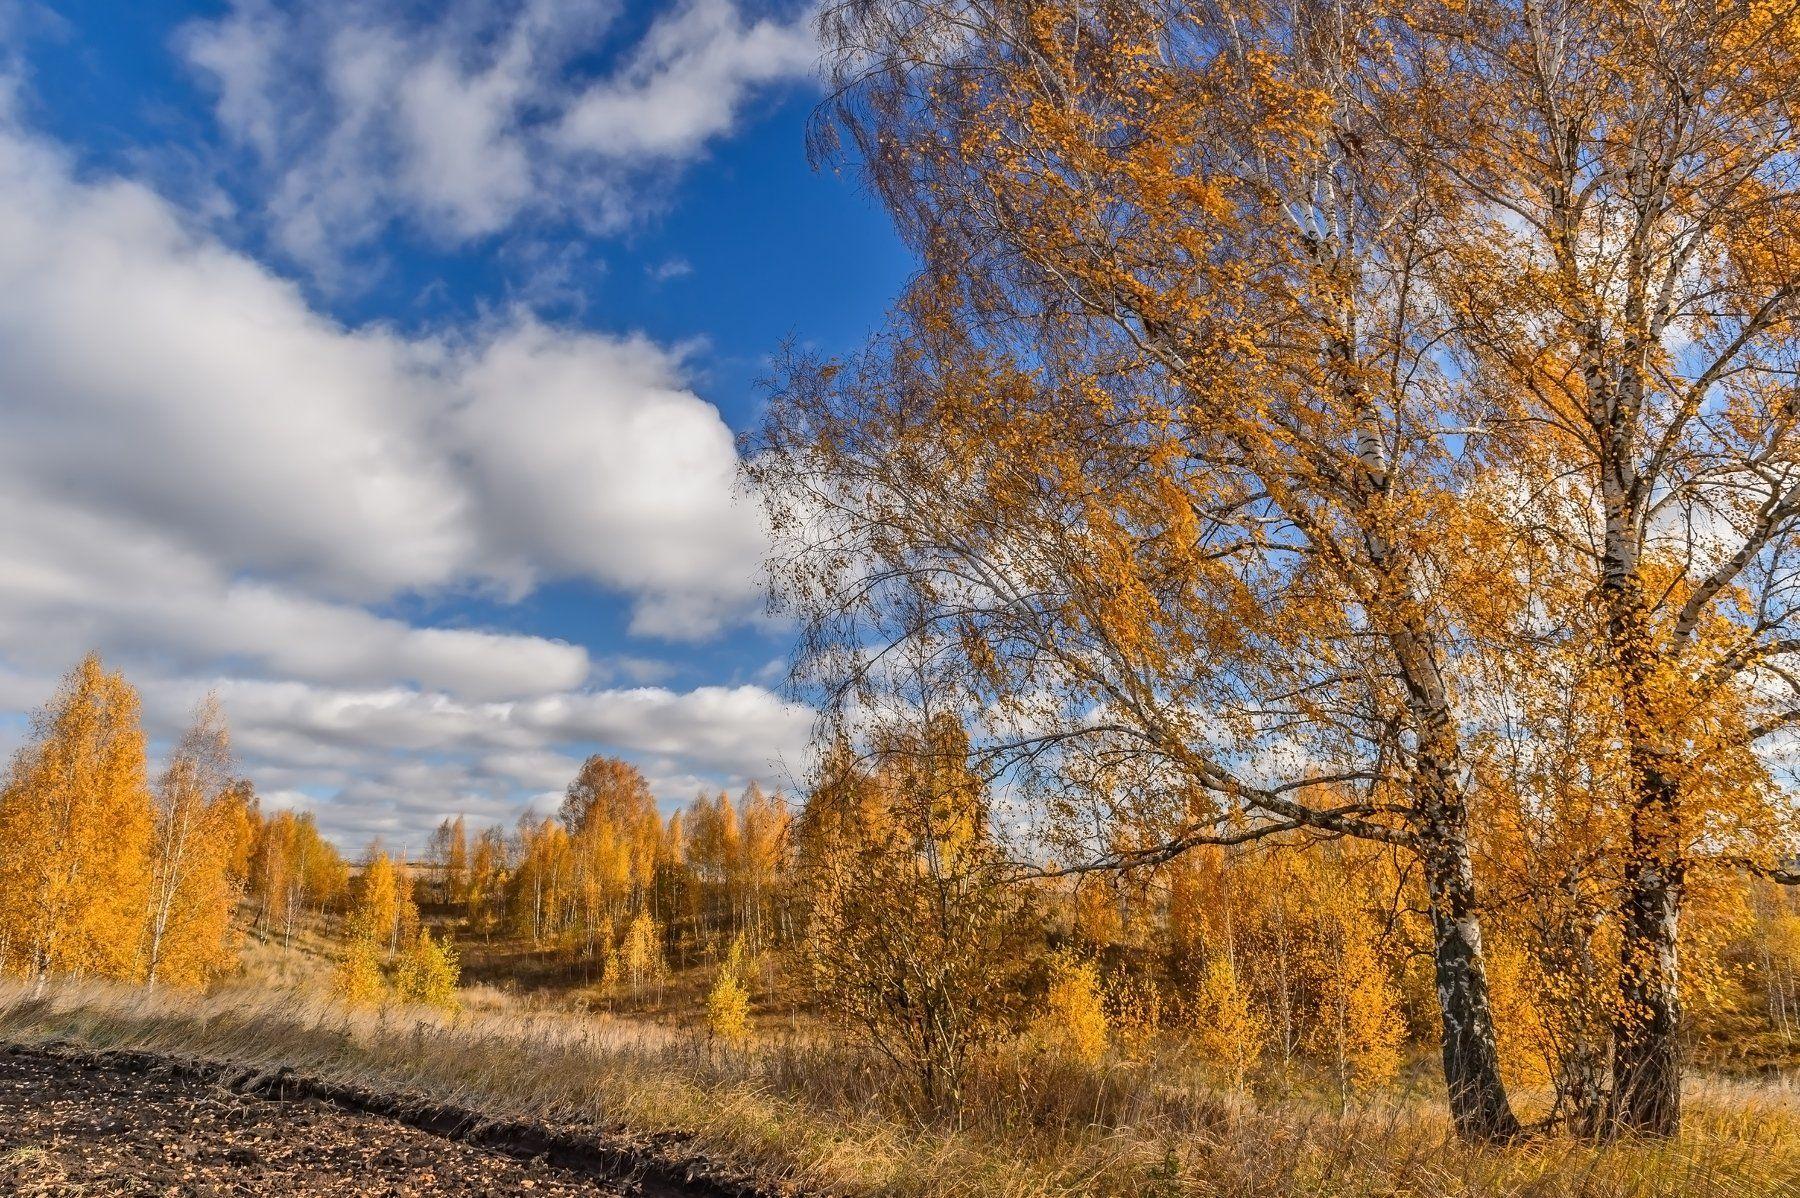 осень,золотая осень,лес,природа,пейзаж,осенний пейзаж,красота,небо,облака,октябрь,березы,golden autumn,autumn landscape,autumn,россия, Юлия Лаптева